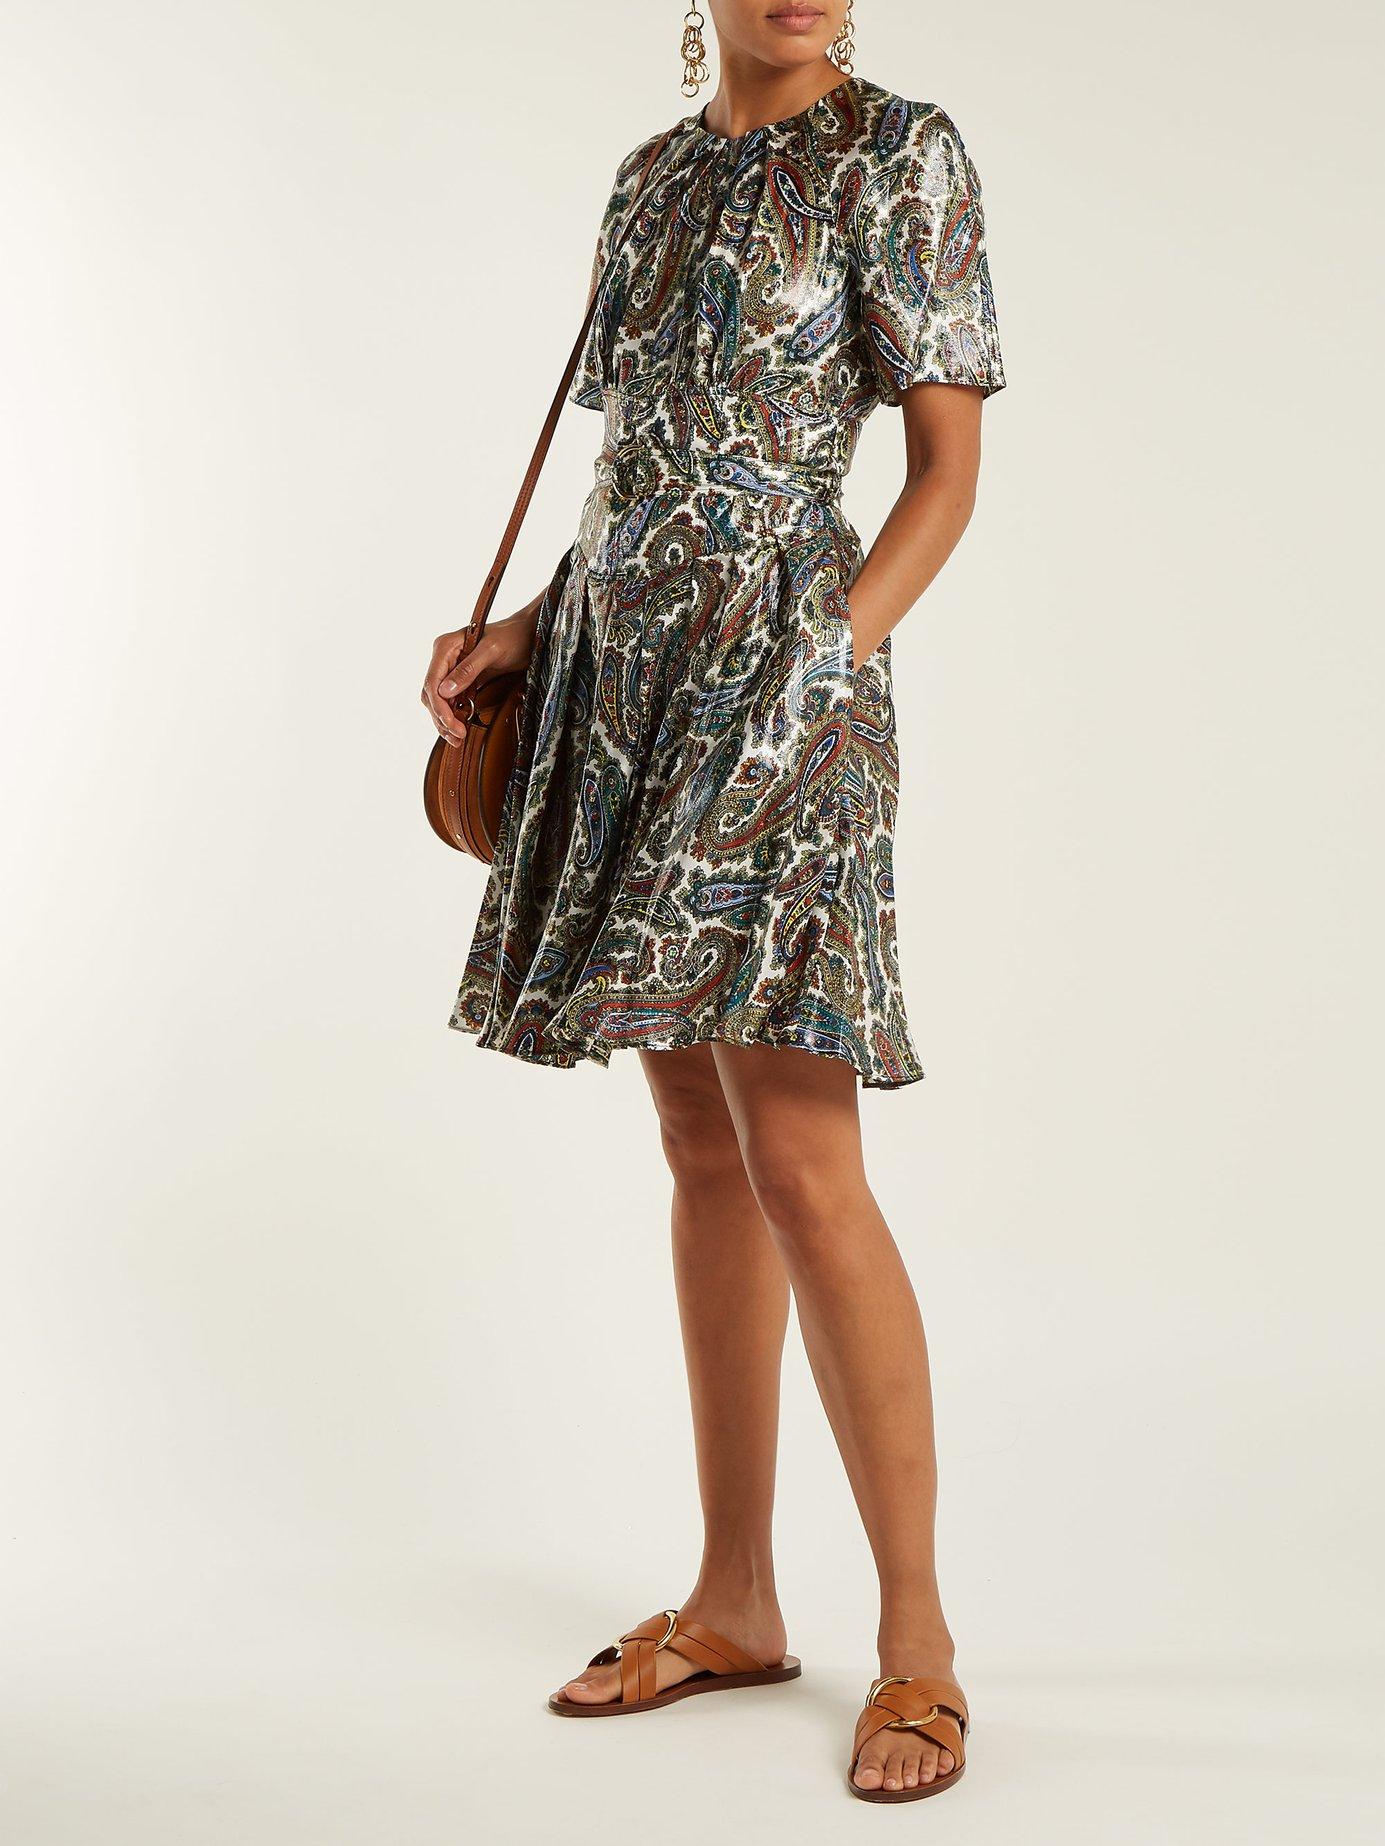 Ana paisley-print silk-blend dress by Diane Von Furstenberg